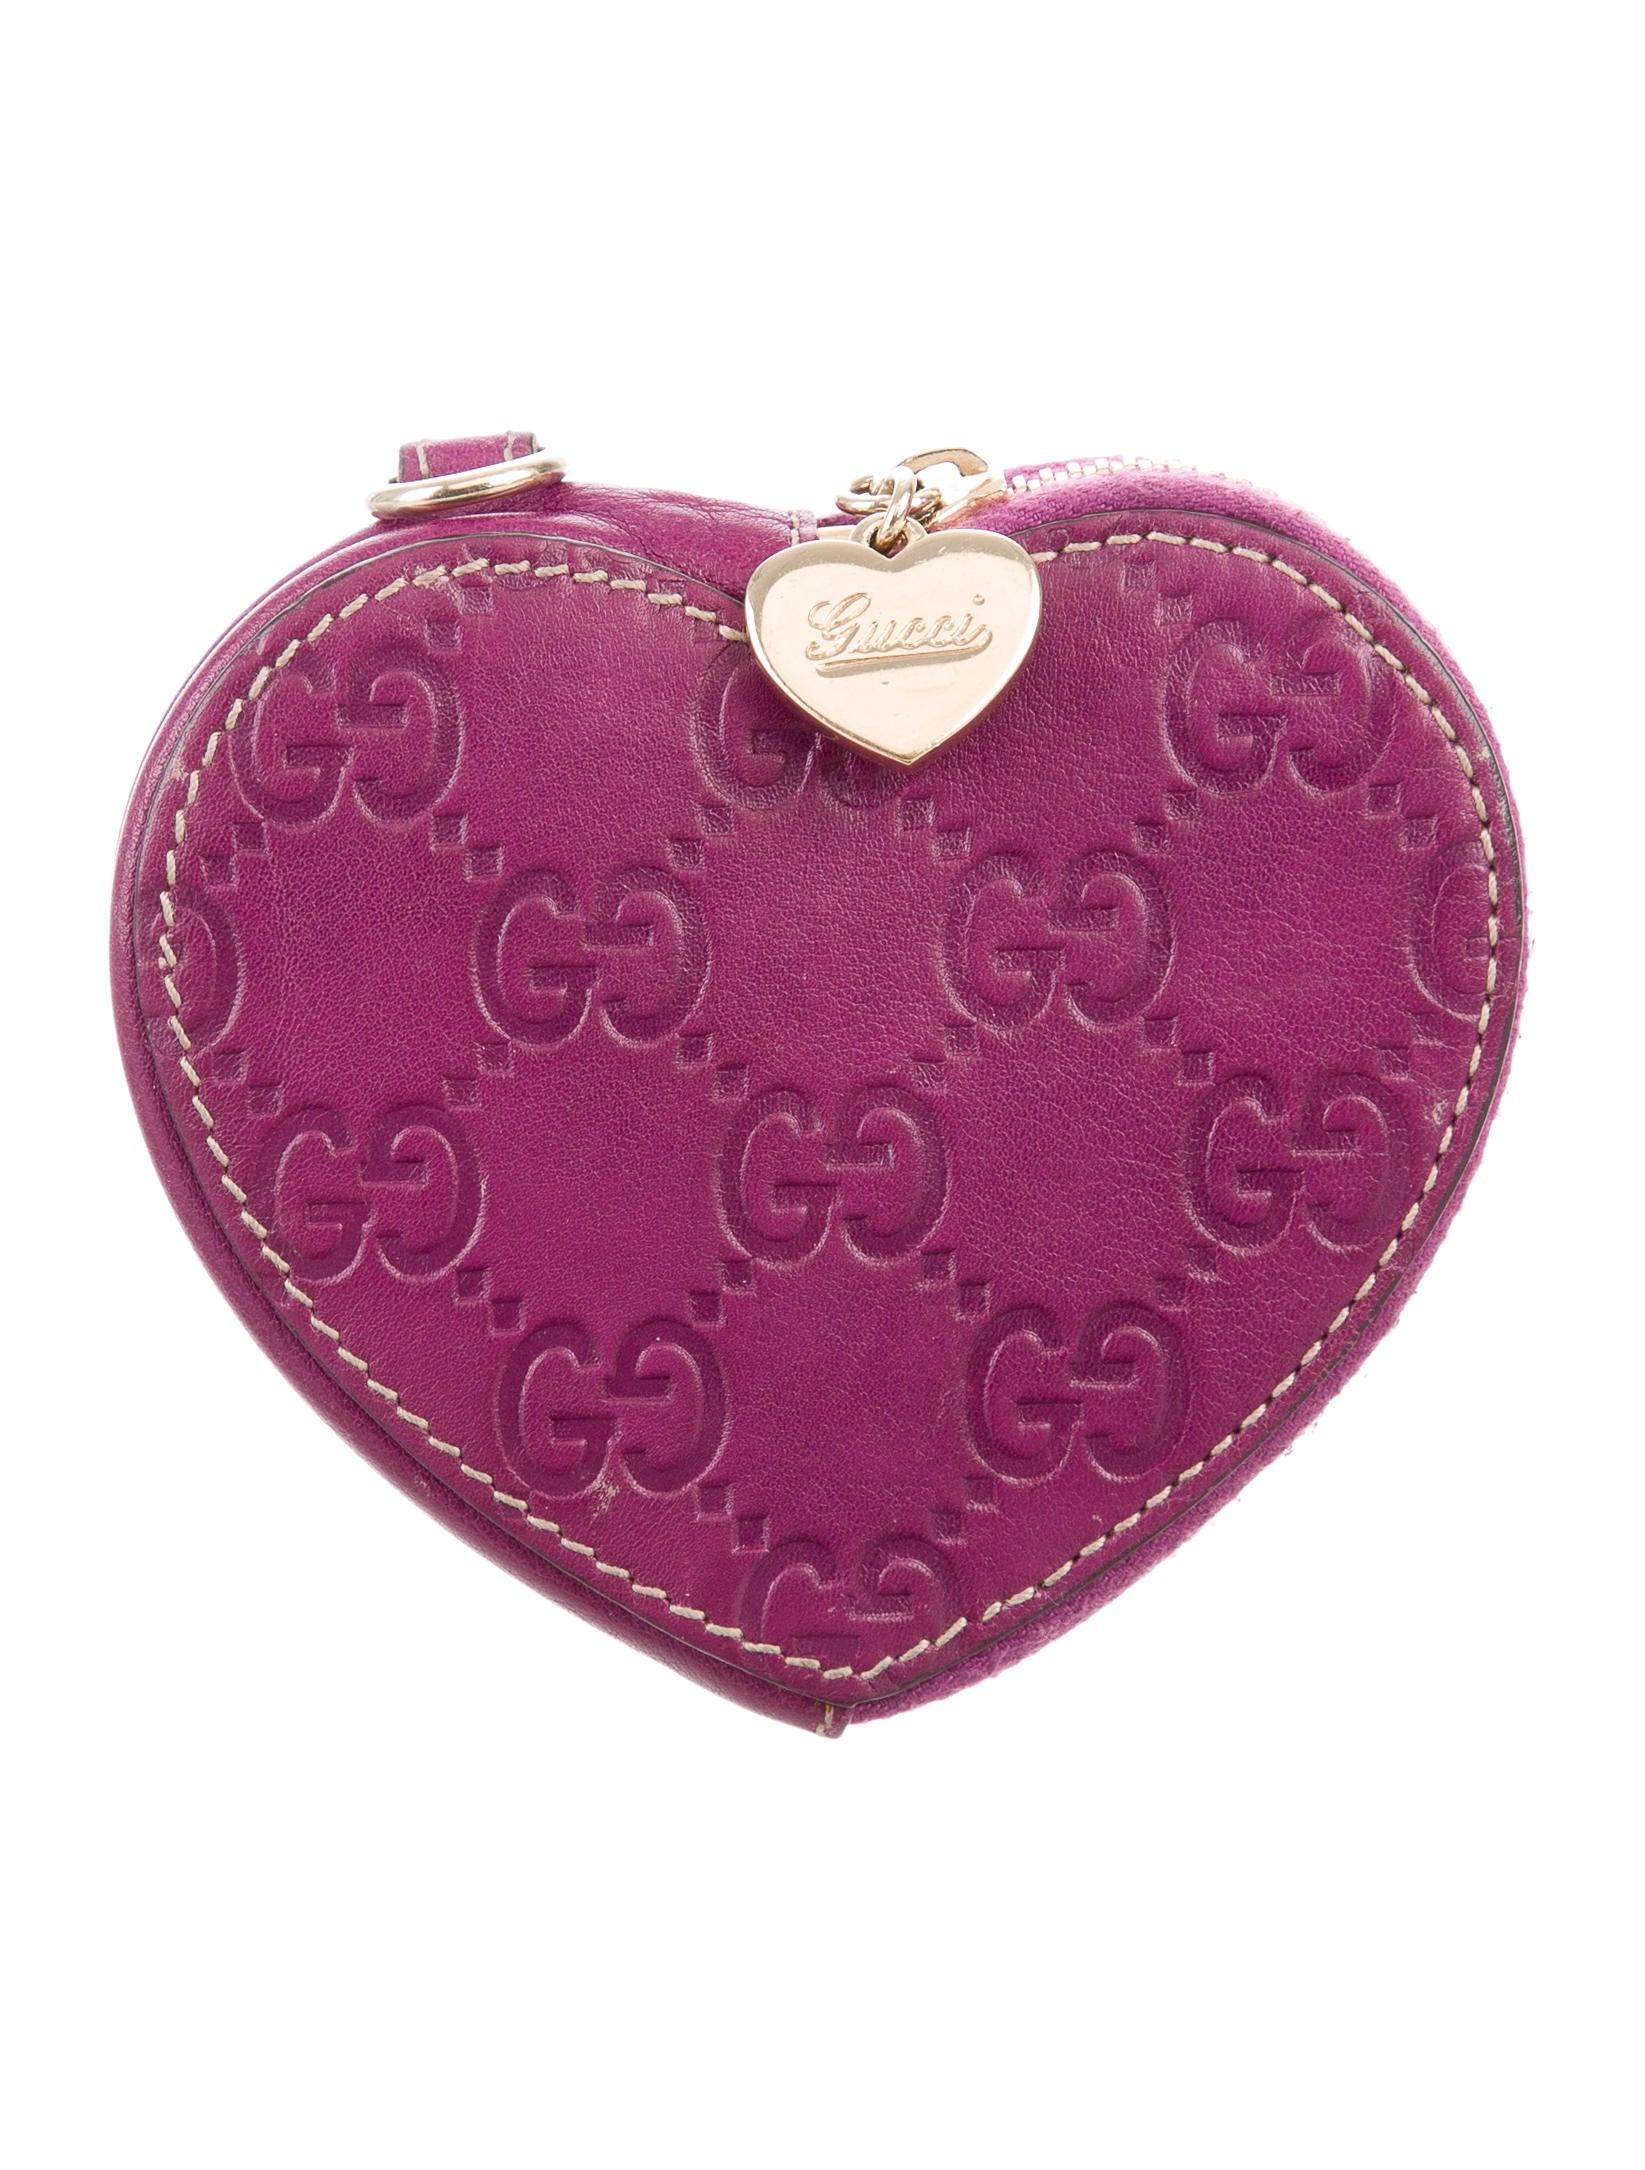 867a1142b6e6 Gucci Guccissima Heart Coin Pouch - Accessories - GUC180273   The ...